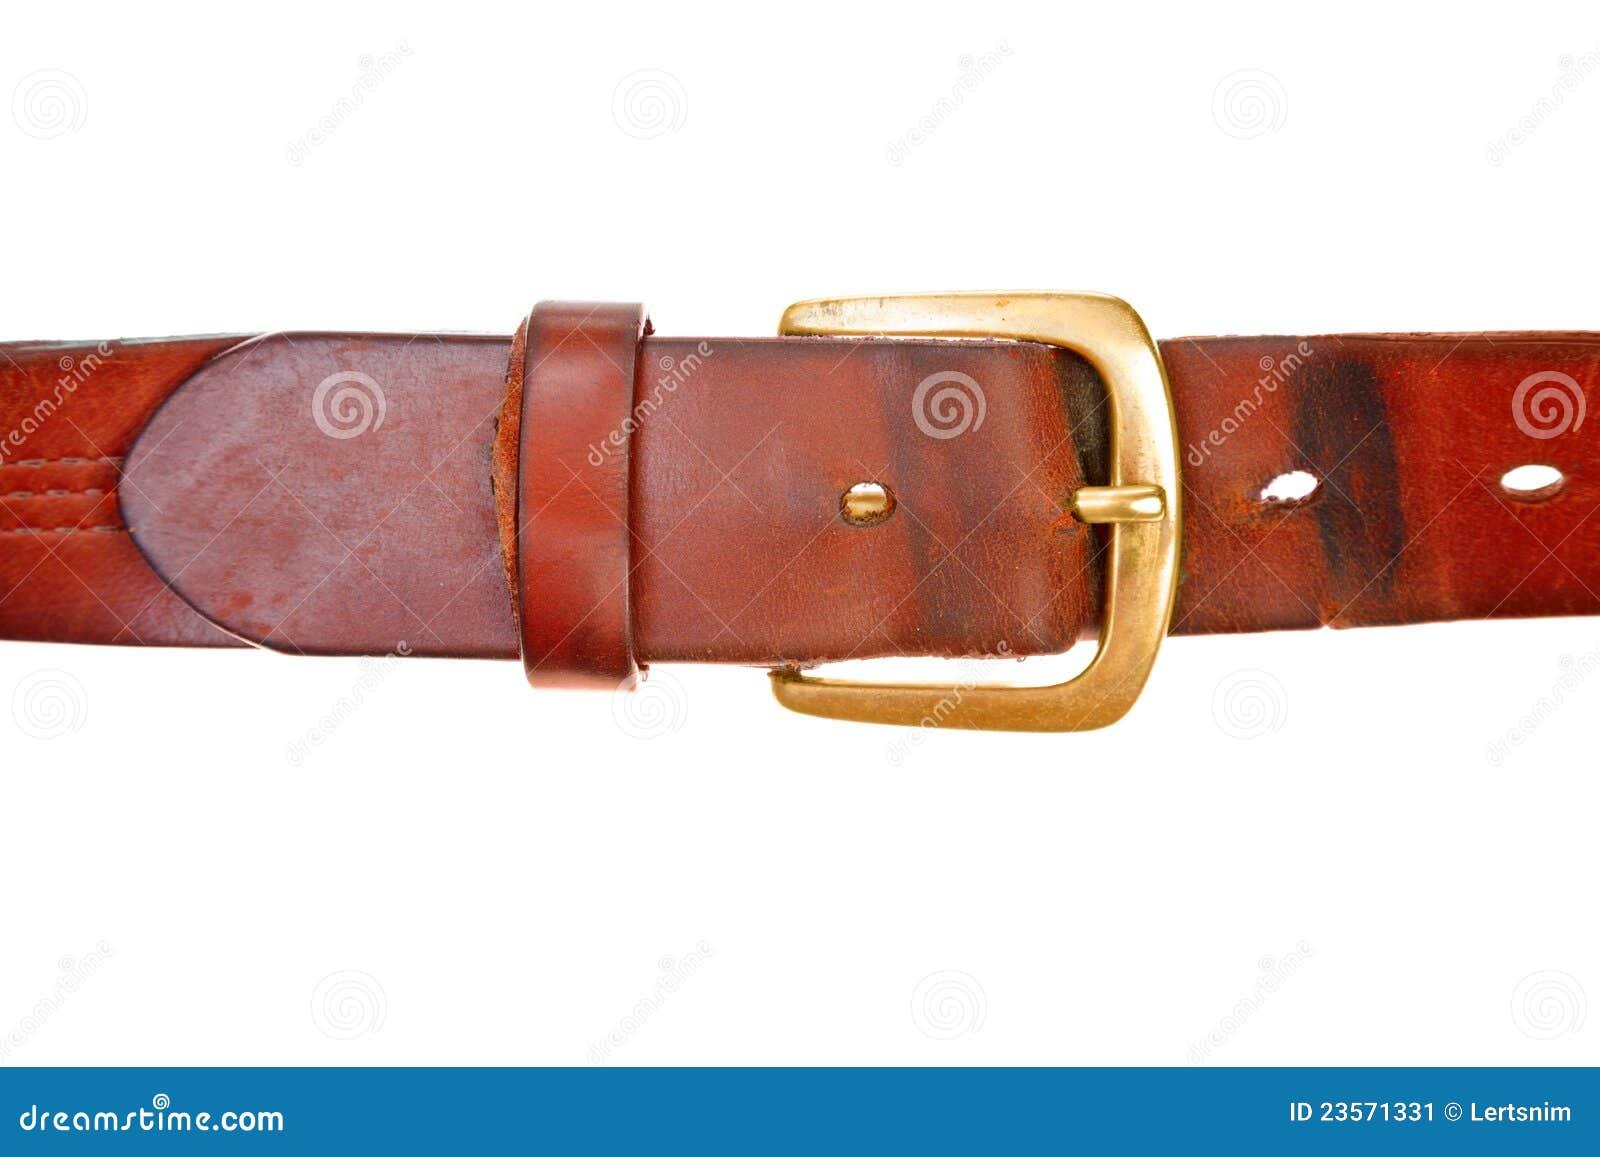 used broun leather belt stock image image 23571331